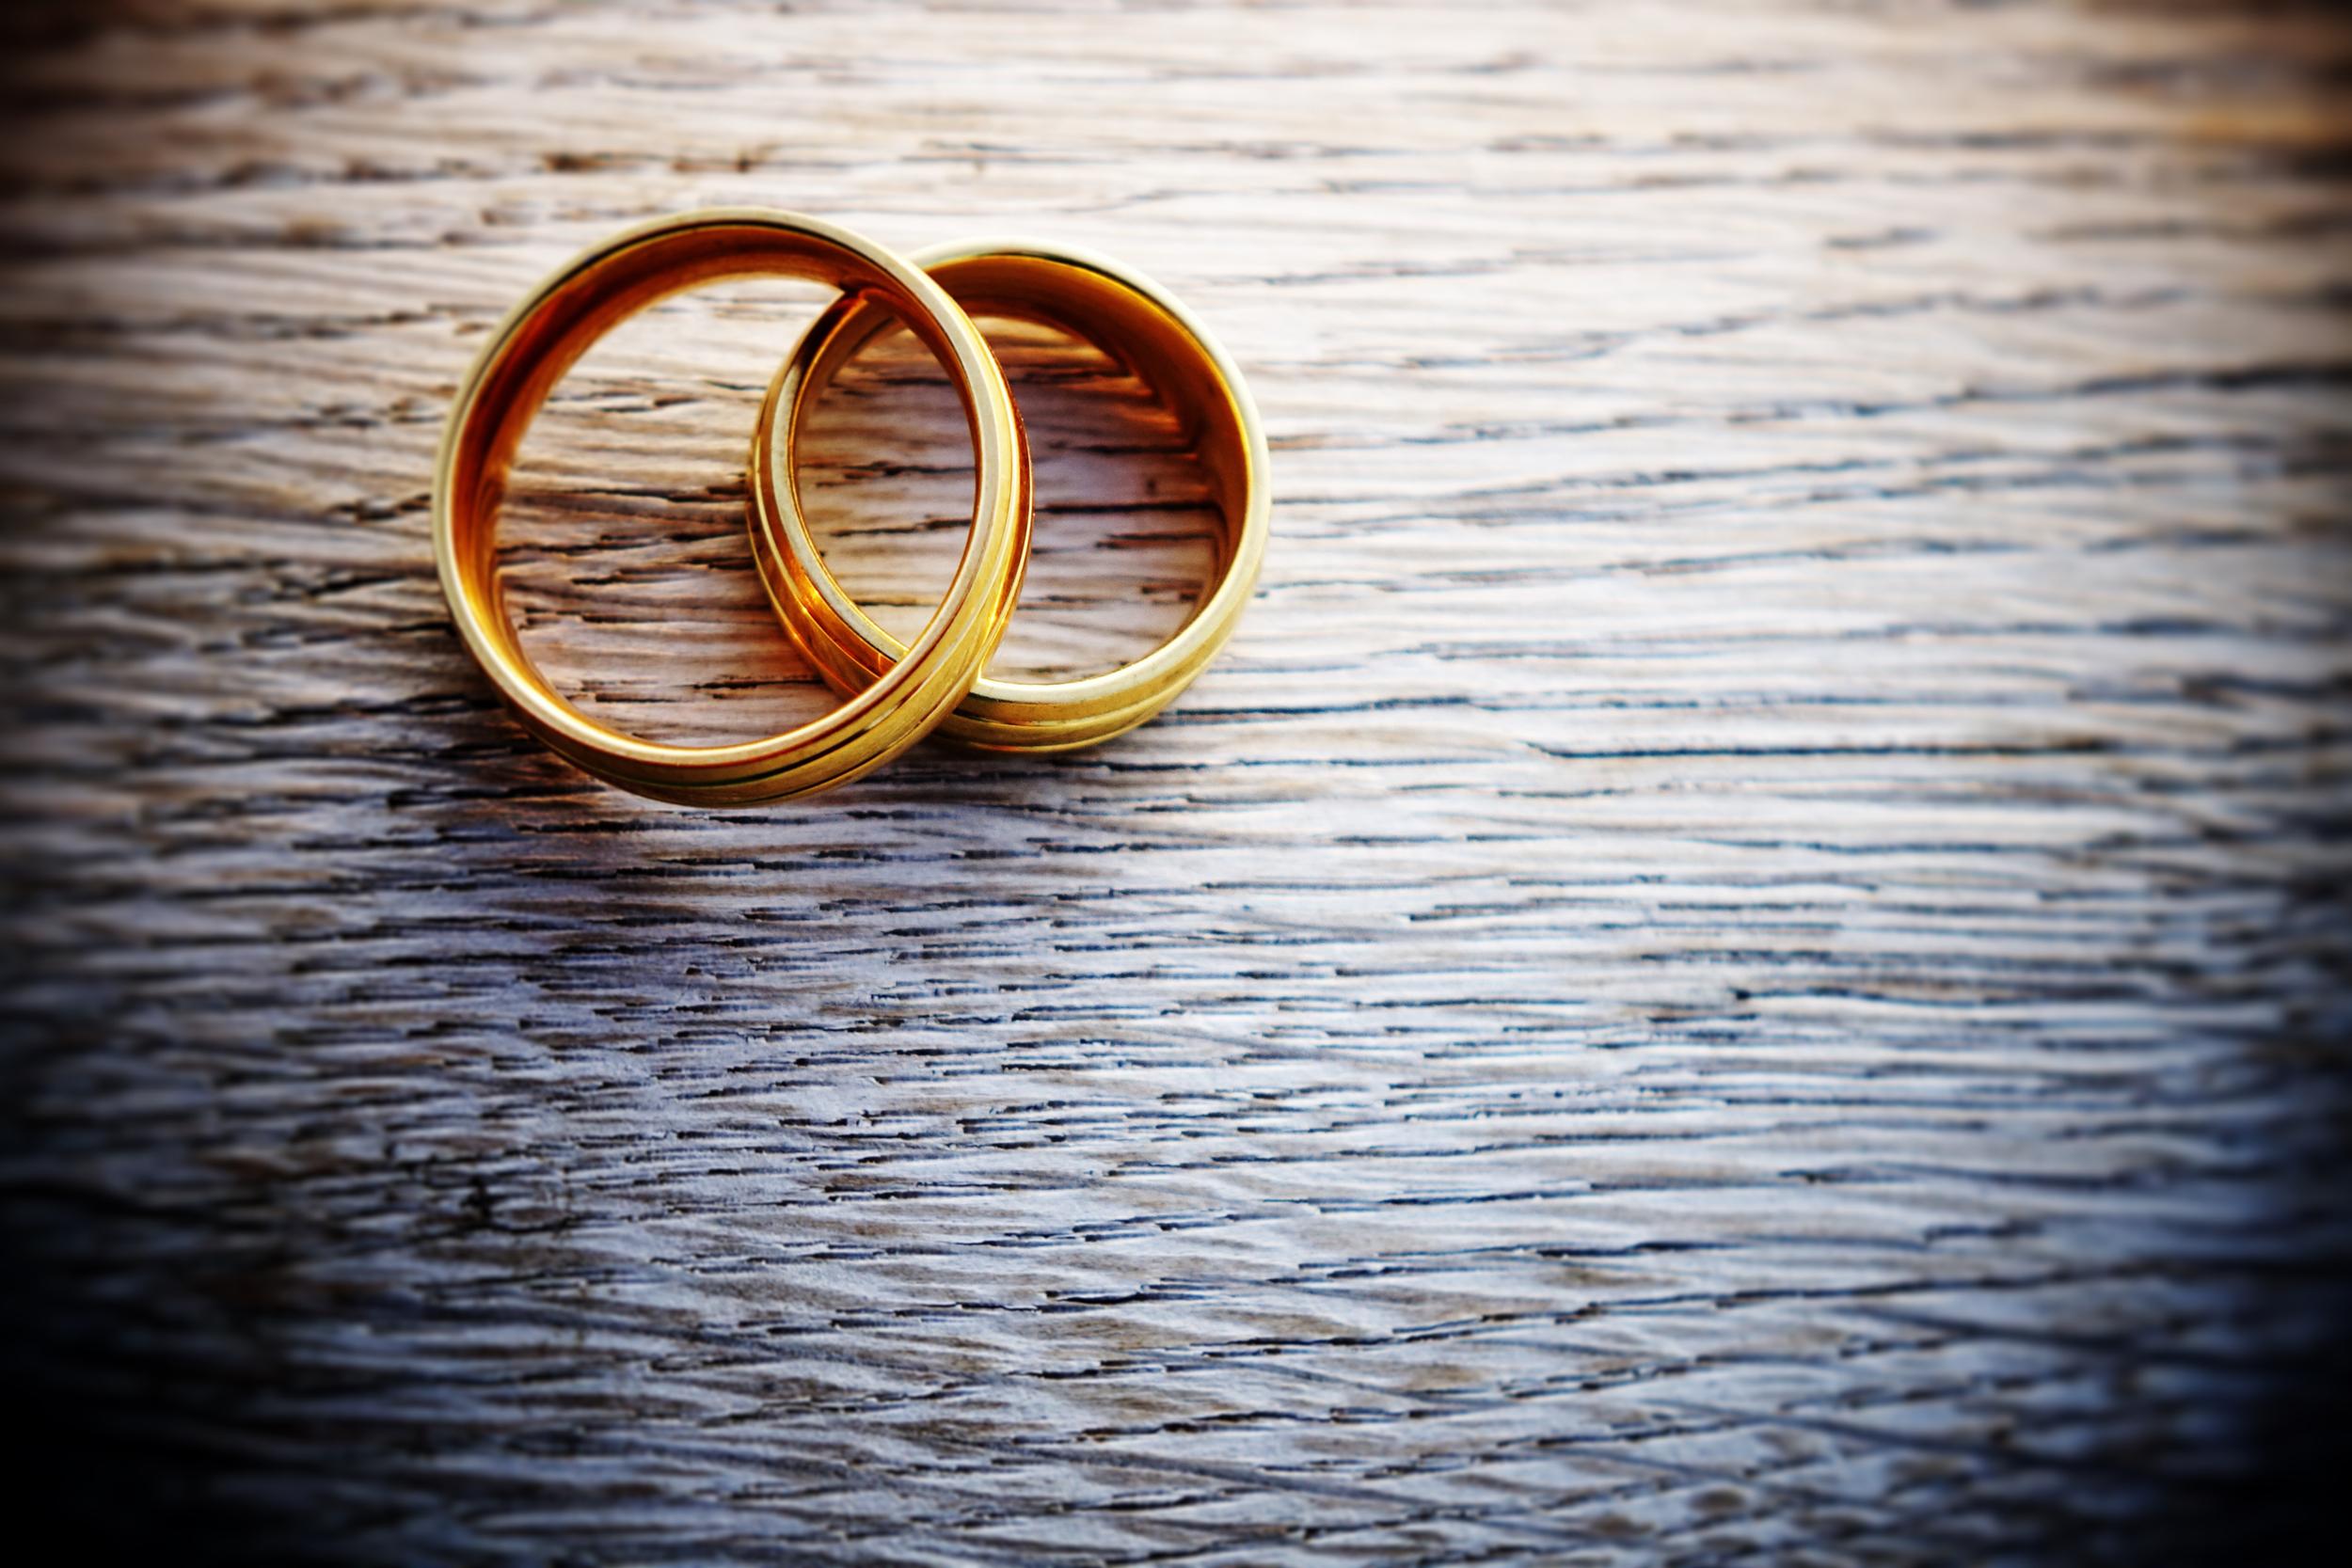 10 سوالی که باید پیش از ازدواج پاسخ آنها را پیدا کنید